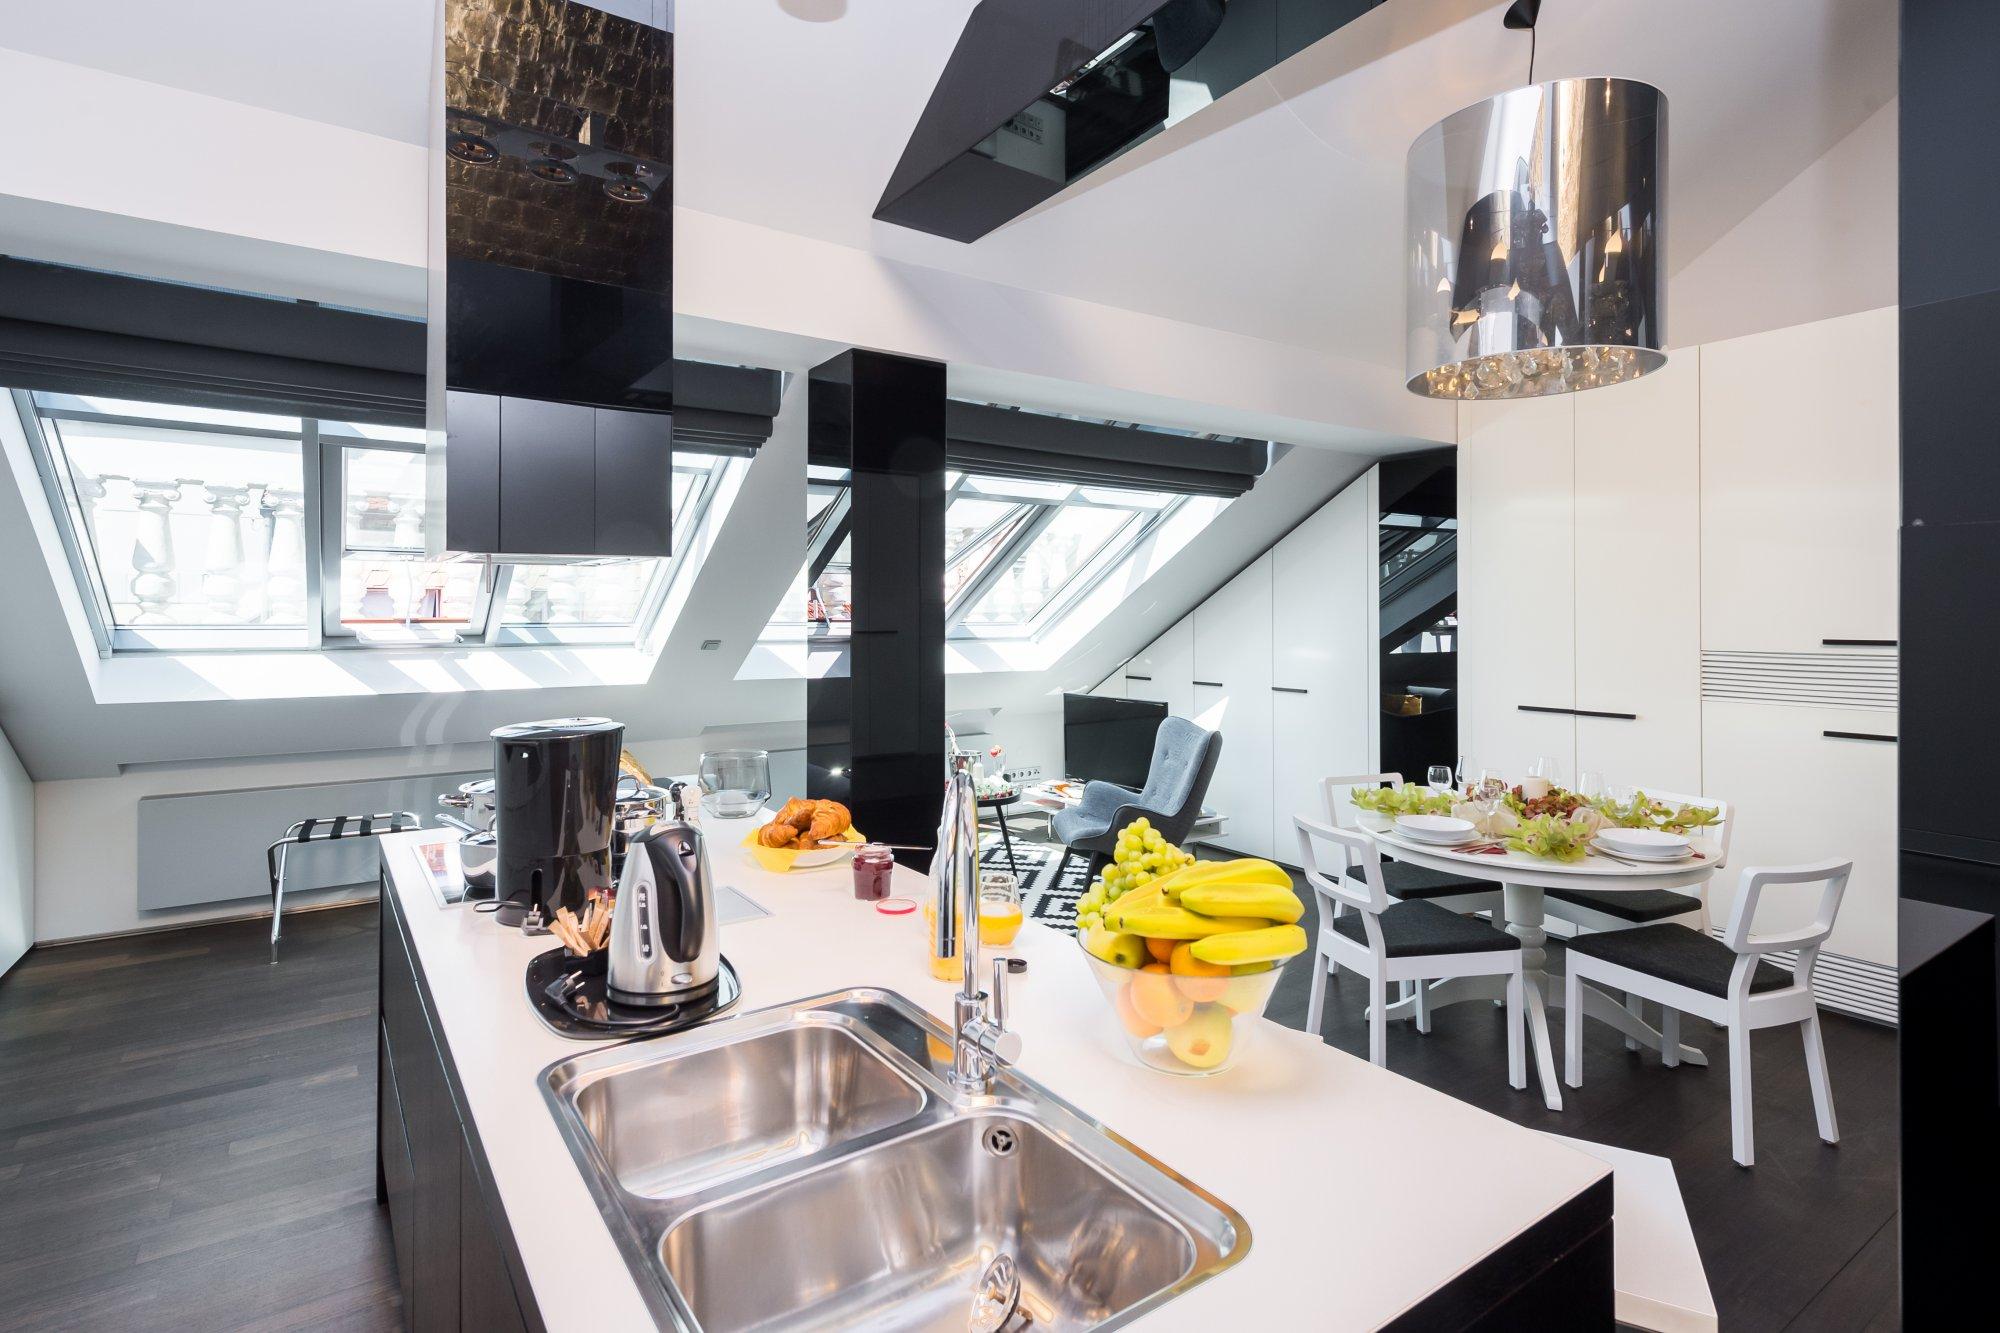 Půdní byt 2+kk, plocha 76 m², ulice Zlatnická, Praha 1 - Nové Město | 1